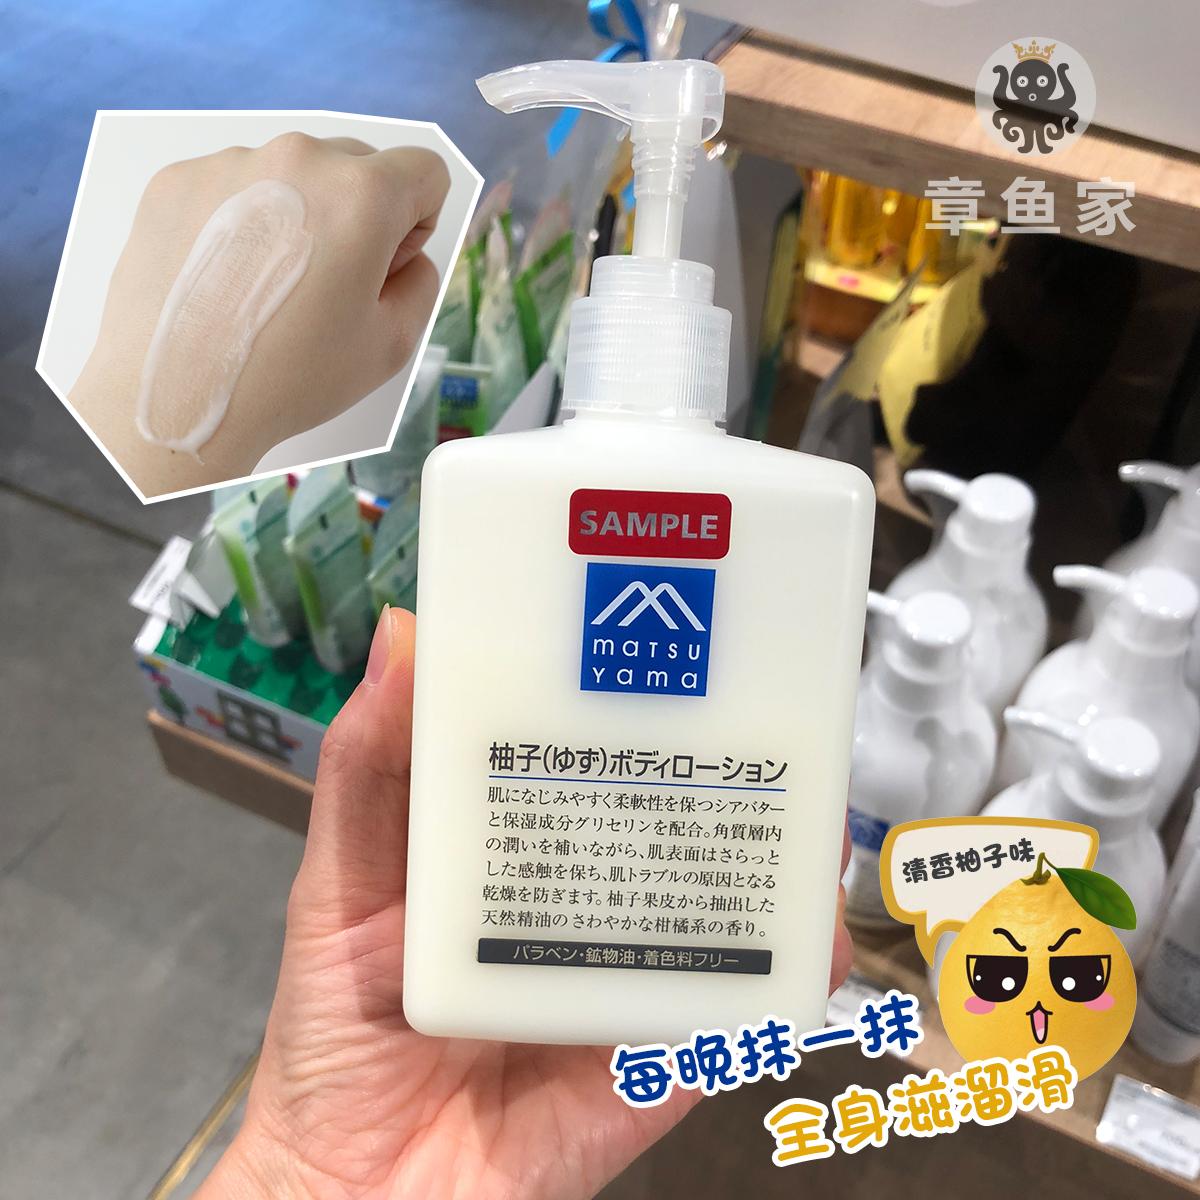 章鱼家#行走的柚子#日本M-mark松山油脂柚子身体乳保湿滋润乳液